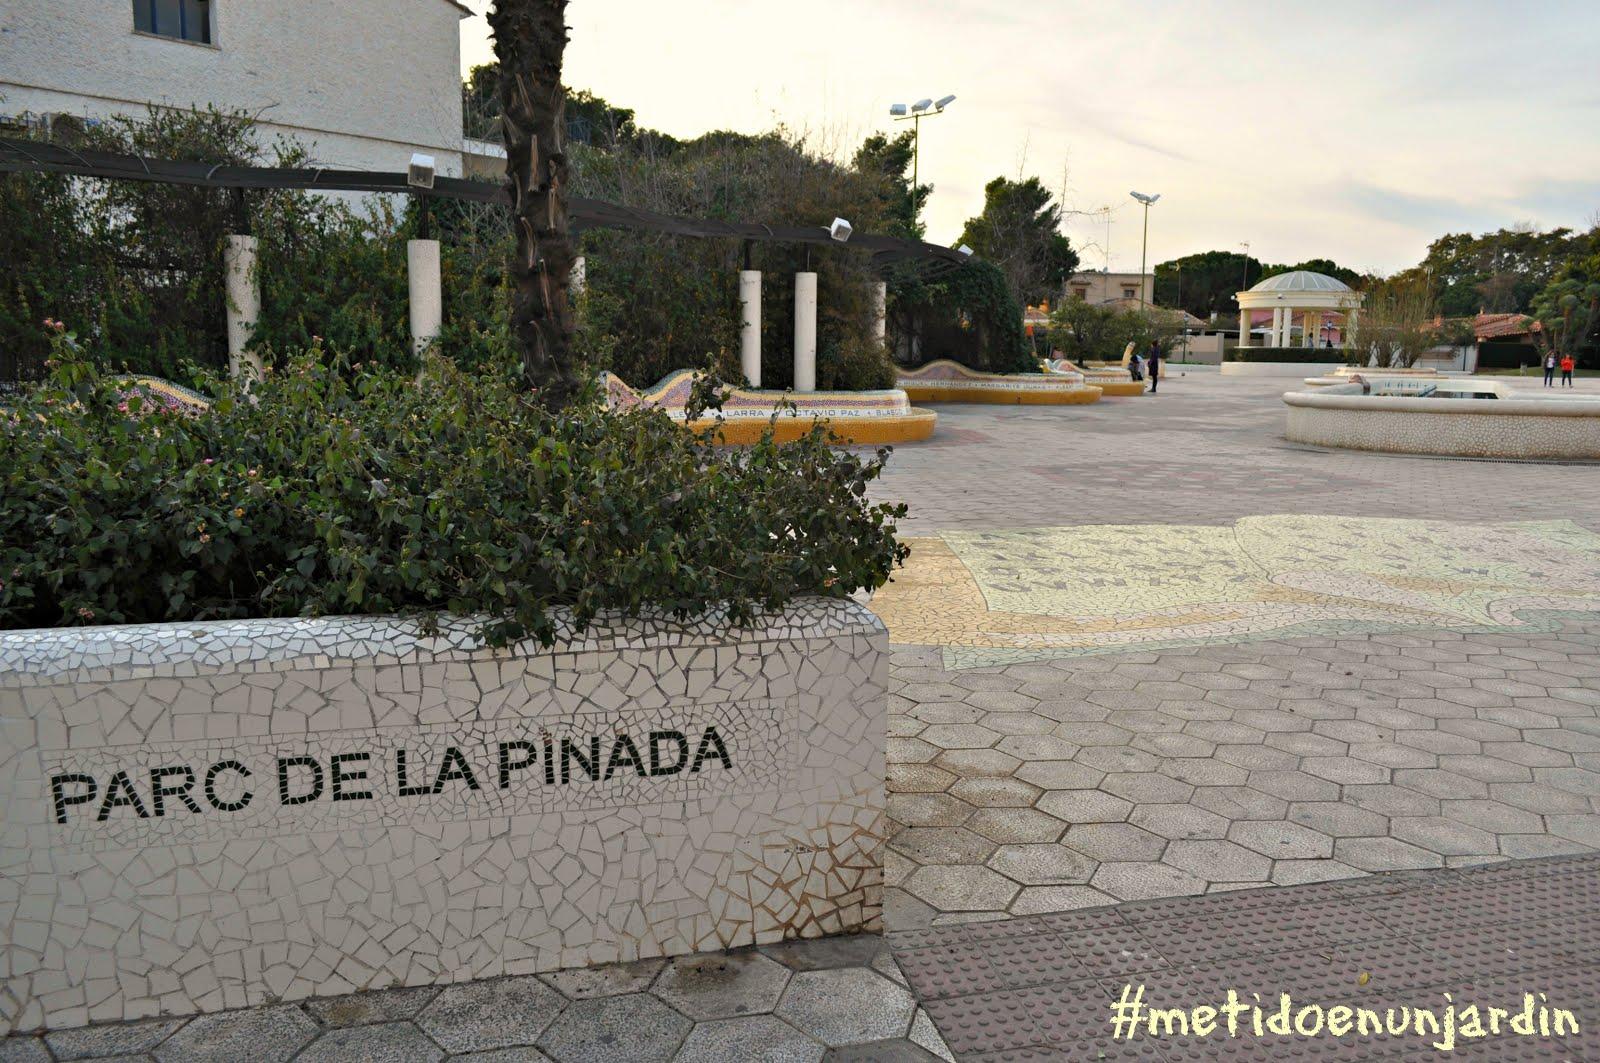 Fuente: metidoenunjardin.blogspot.com.es